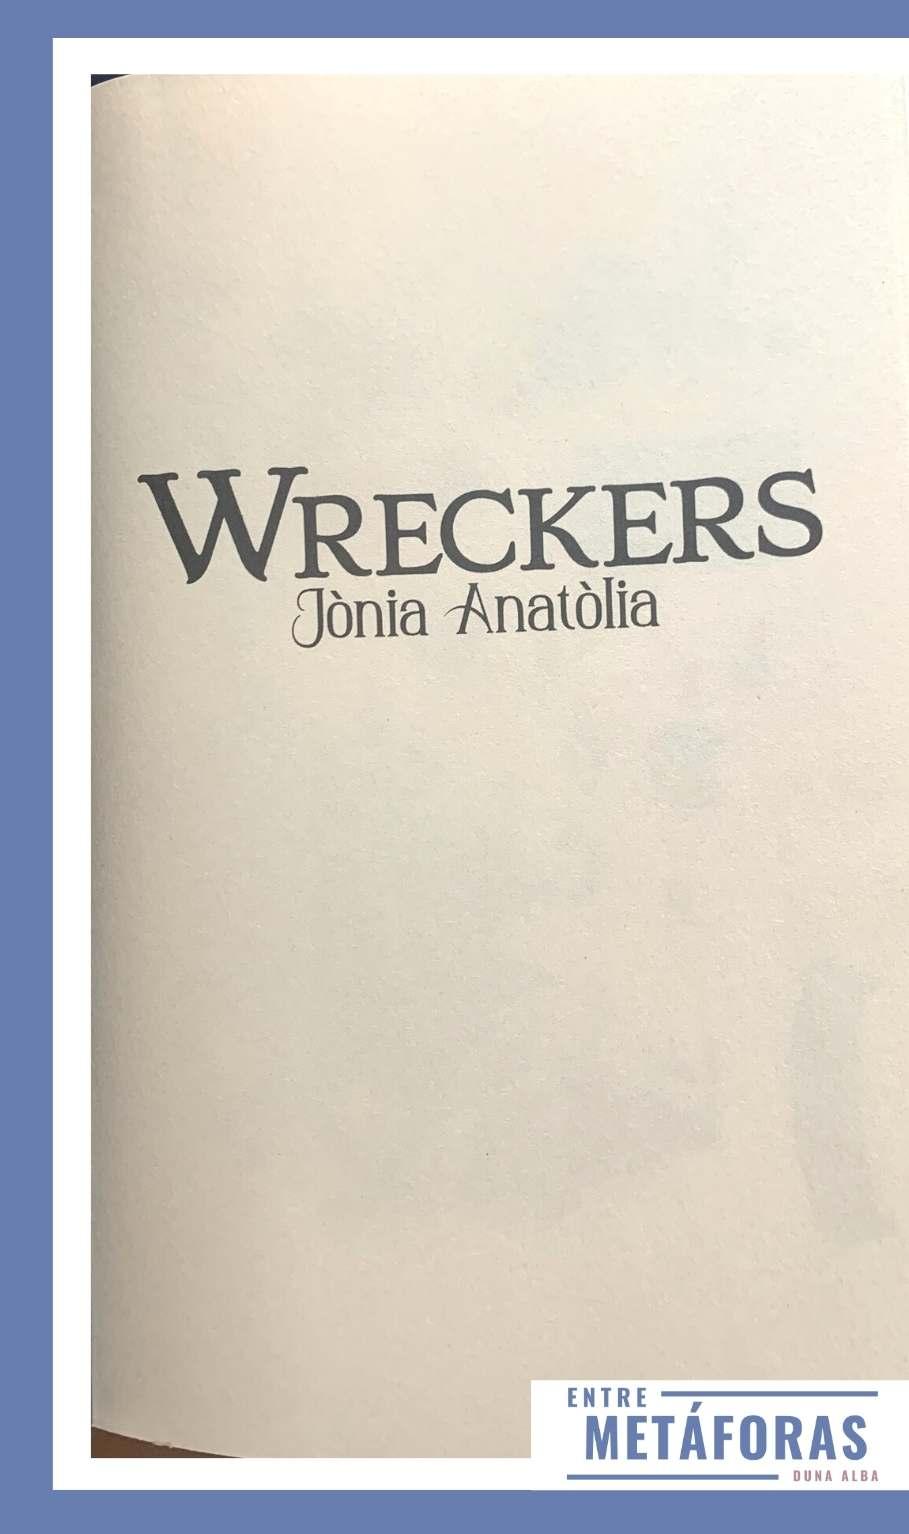 Wreckers de Jònia Anatòlia